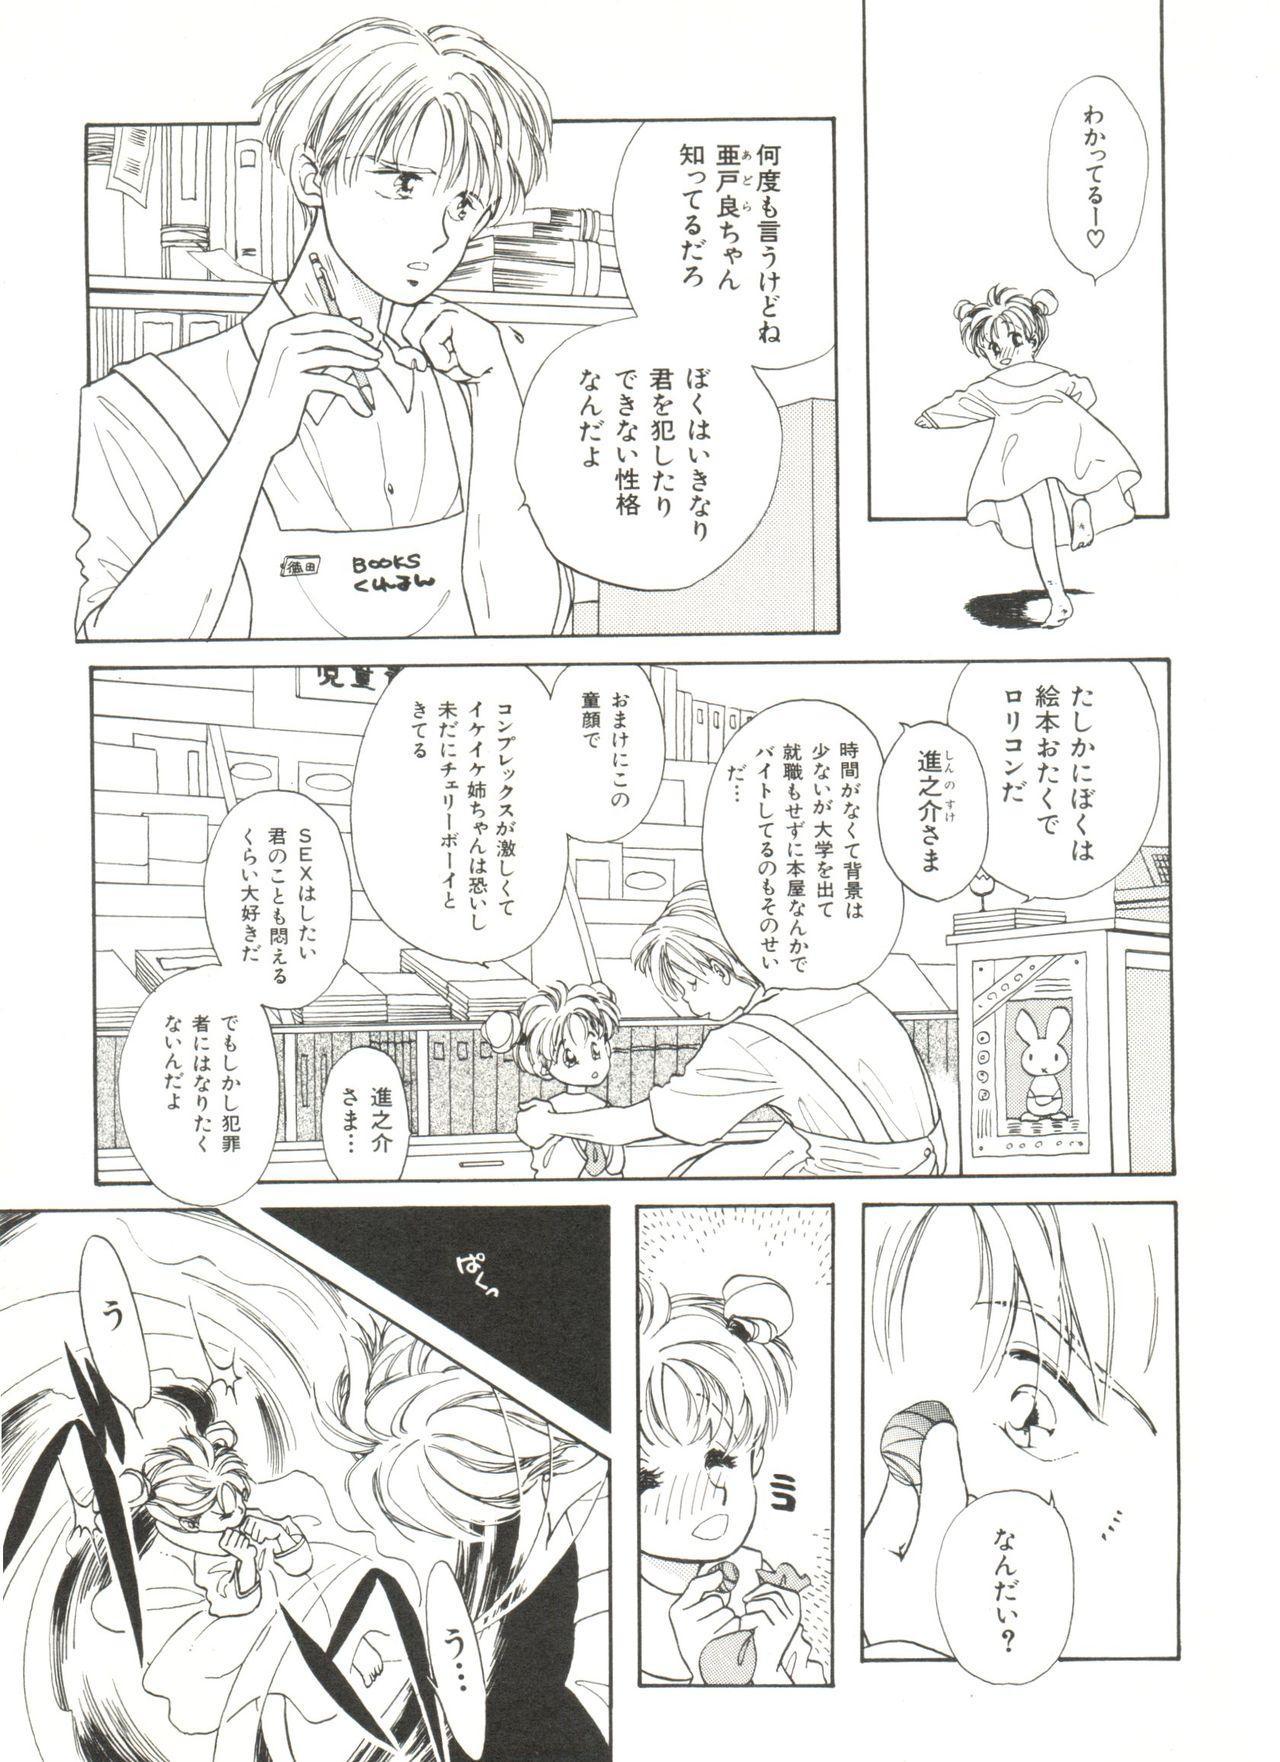 Bishoujo Doujinshi Anthology 6 8